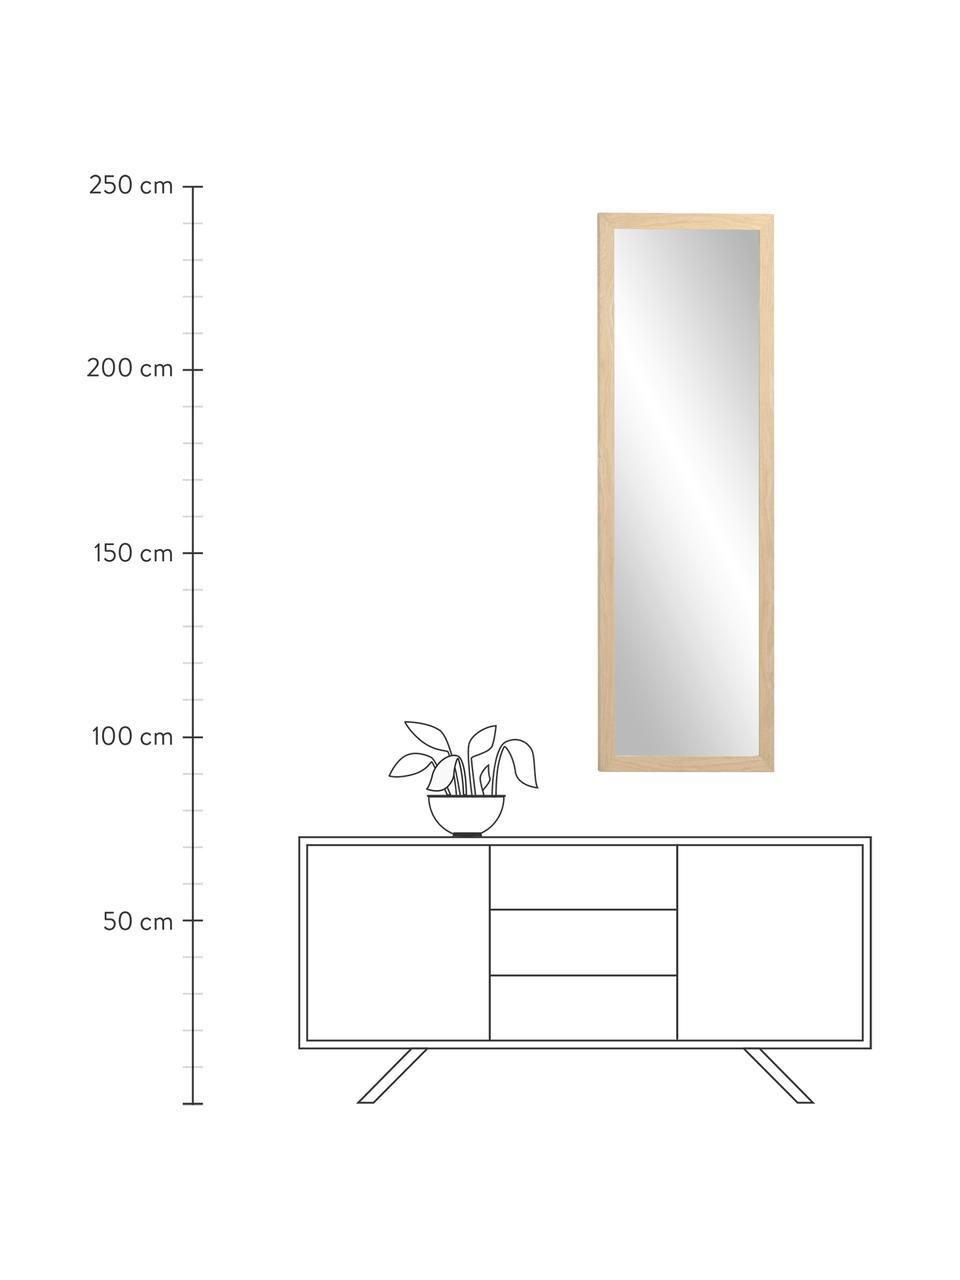 Wandspiegel Wilany mit Holzrahmen, Rahmen: Holz, Spiegelfläche: Spiegelglas, Beige, 53 x 153 cm